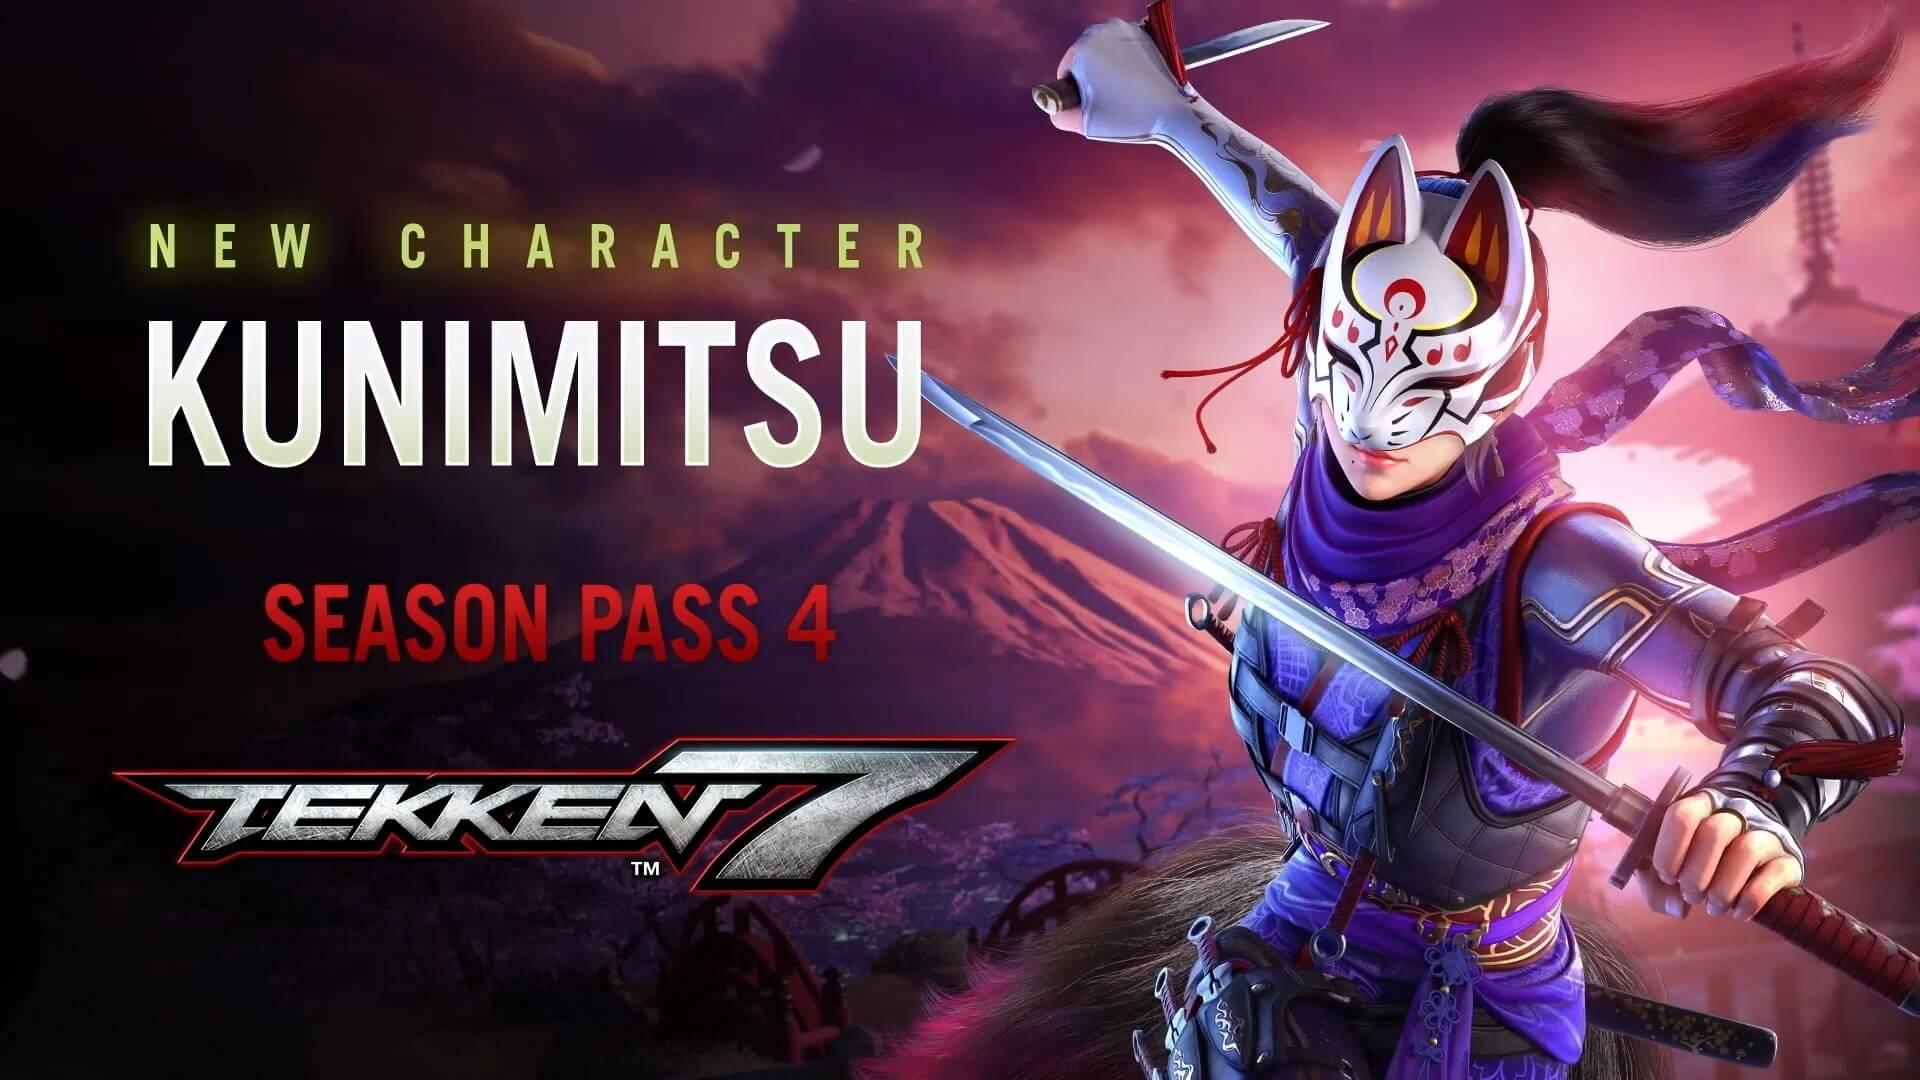 Season Pass 4 For Tekken 7 Coming On Tuesday - Leaks